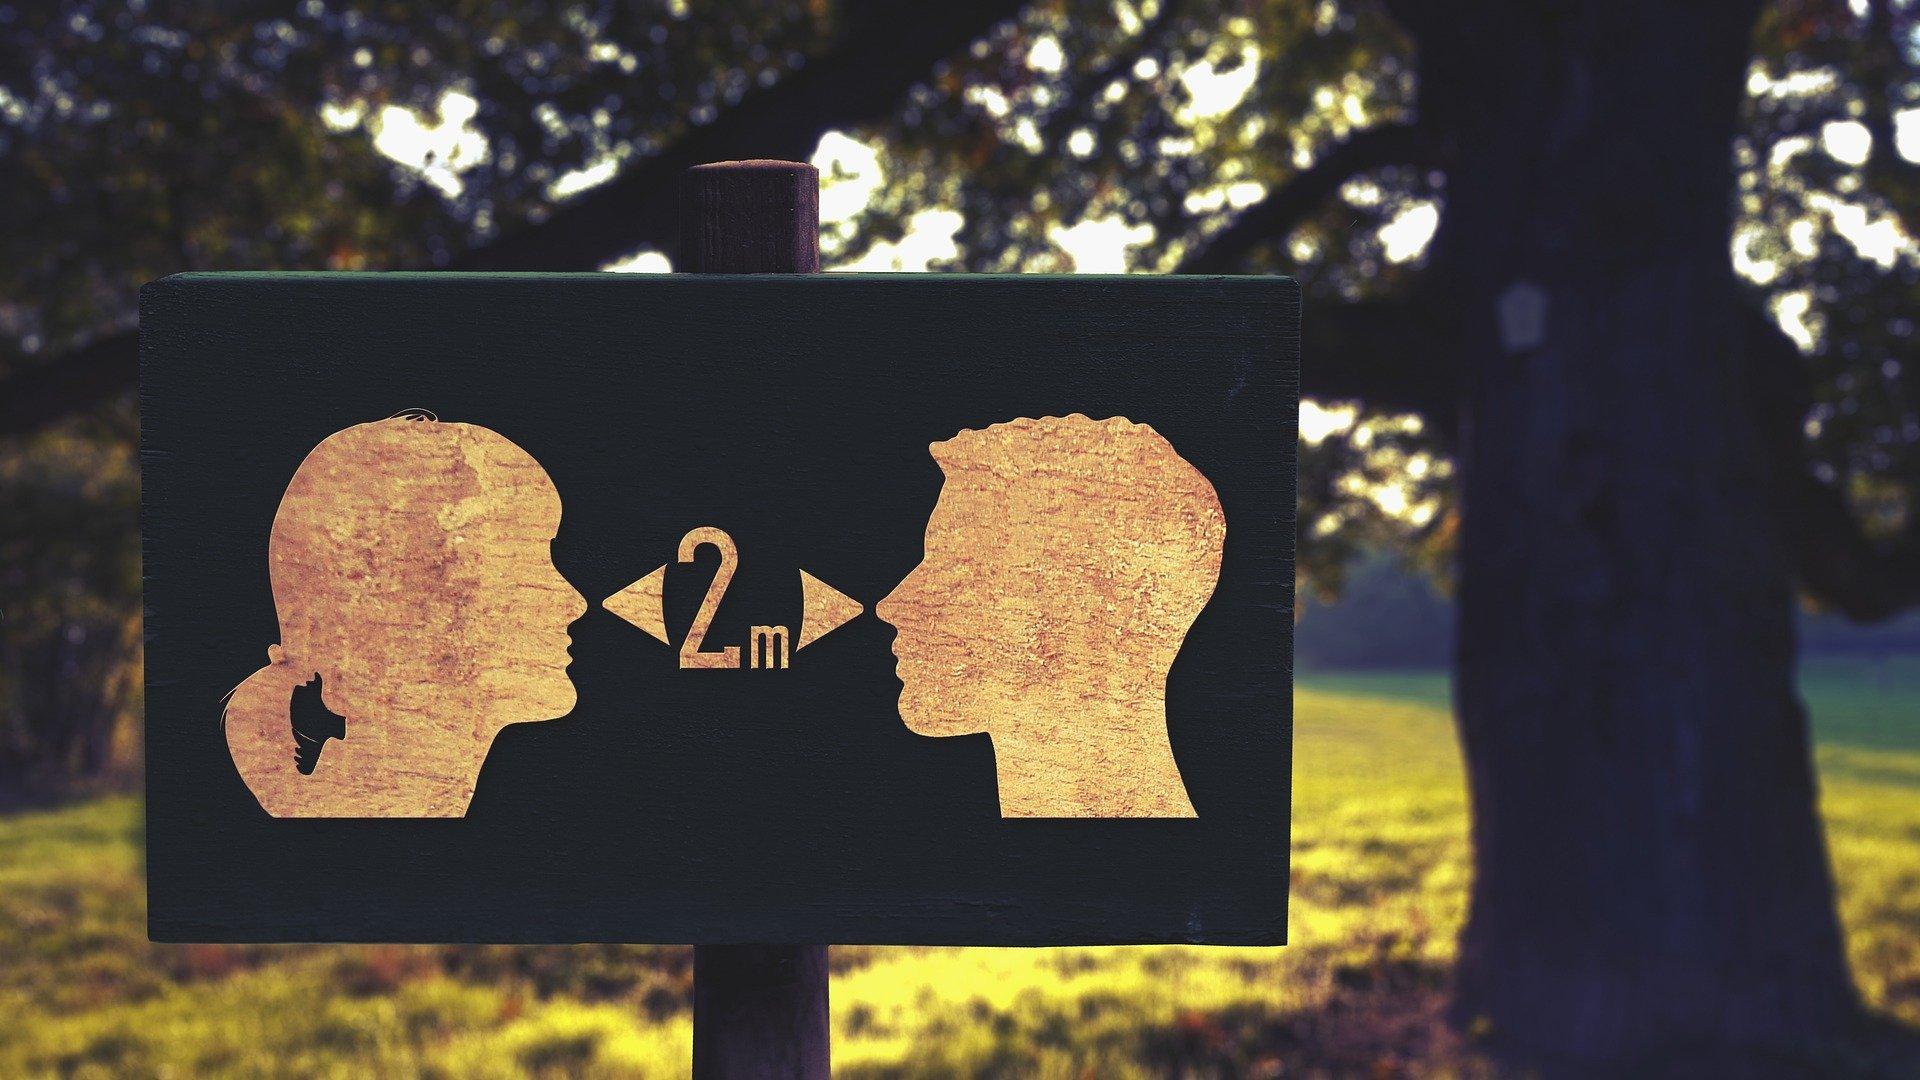 Como as interações humanas serão afetadas?